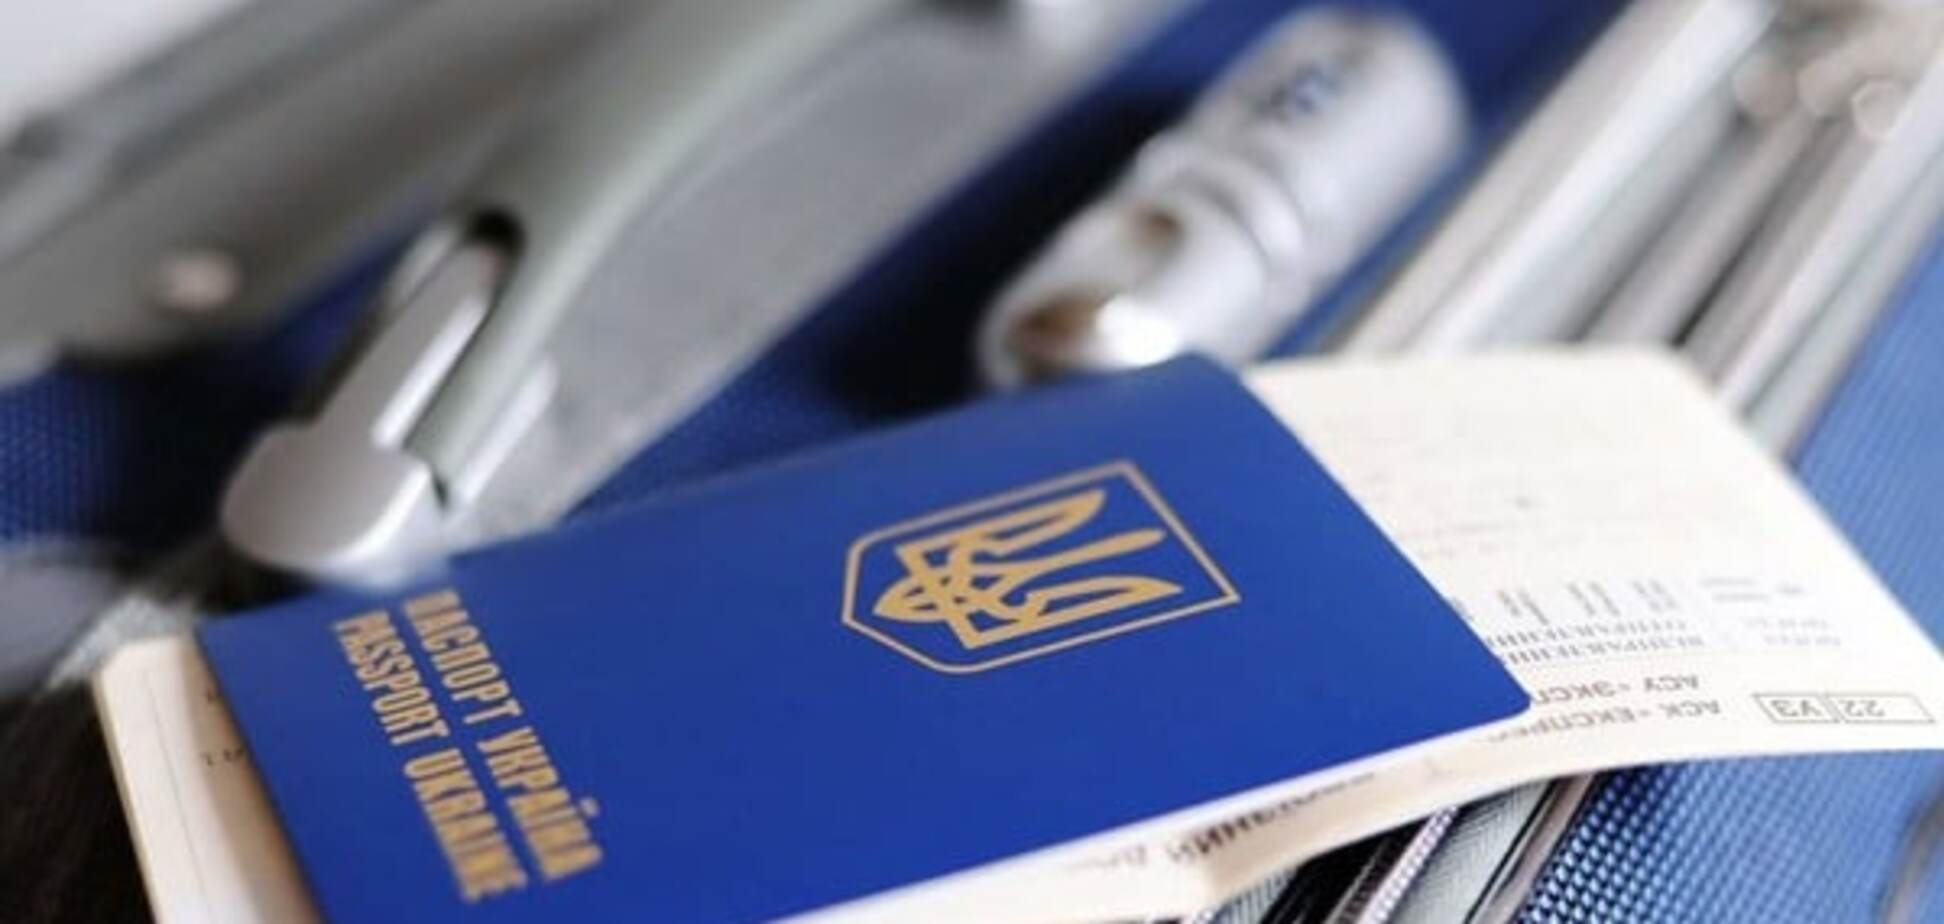 Безвизовый режим для Украины. Источник: job-sbu.org